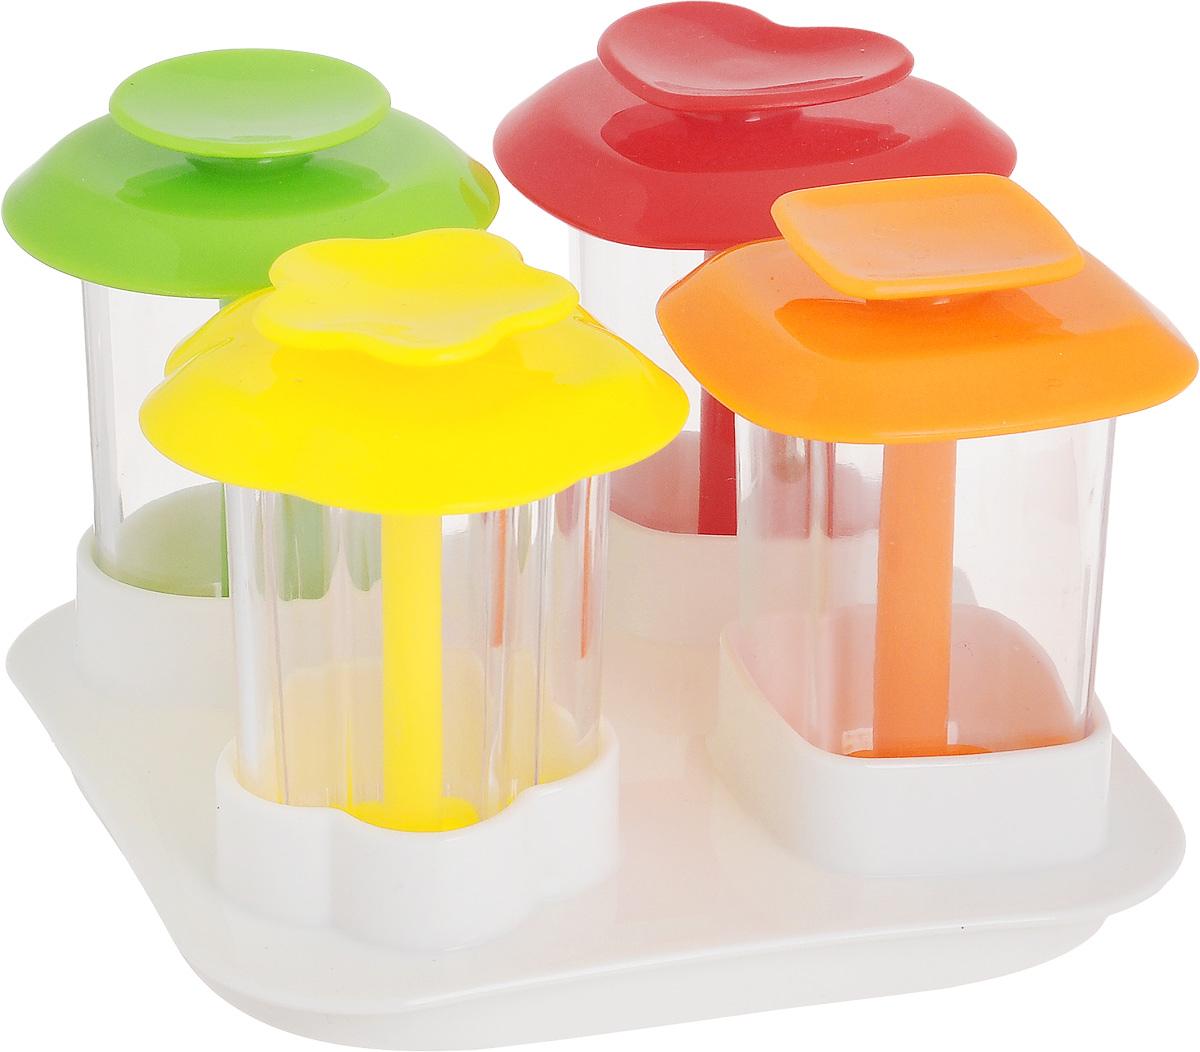 Форма для канапе Tescoma Presto Foodstyle, с крышкой-подставкой, 4 шт422240Набор форм для канапе Tescoma Presto Foodstyle, изготовленный из прочного пластика, отлично подходит для придания формы блюдам и легкого приготовления слоистых гарниров, десертов. В комплект входит универсальная крышка для хранения. Можно мыть в посудомоечной машине. Инструкция по применению с рецептами прилагается внутри. Размер формы в виде сердца: 5,5 х 5 х 6,5 см. Размер формы в виде цветка: 5,5 х 5,5 х 6,5 см. Размер круглой формы: 5 х 5 х 6,5 см. Размер квадратной формы: 5 х 5 х 6,5 см. Размер крышки-подставки: 10 х 10 х 2,5 см. Средний размер канапе: 3,5 х 3,5 х 6 см.